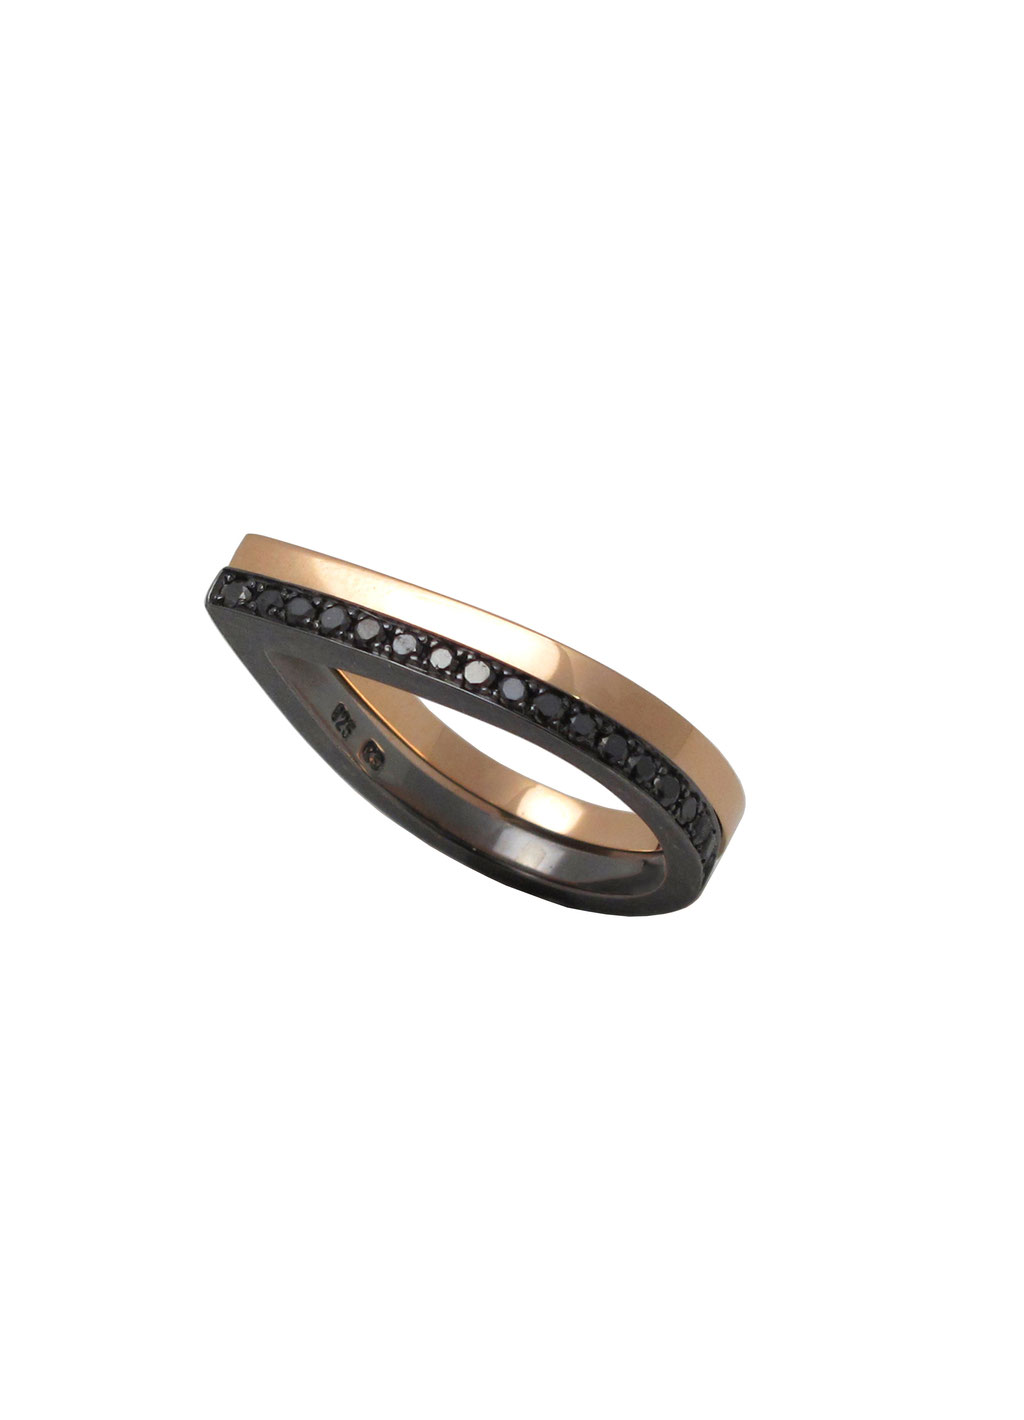 Diamantring mit schwarzen Diamanten und 925 Sterlingsilber geschwärzt 590 Euro, Rotgoldring 18 karat Rotgold 690 Euro